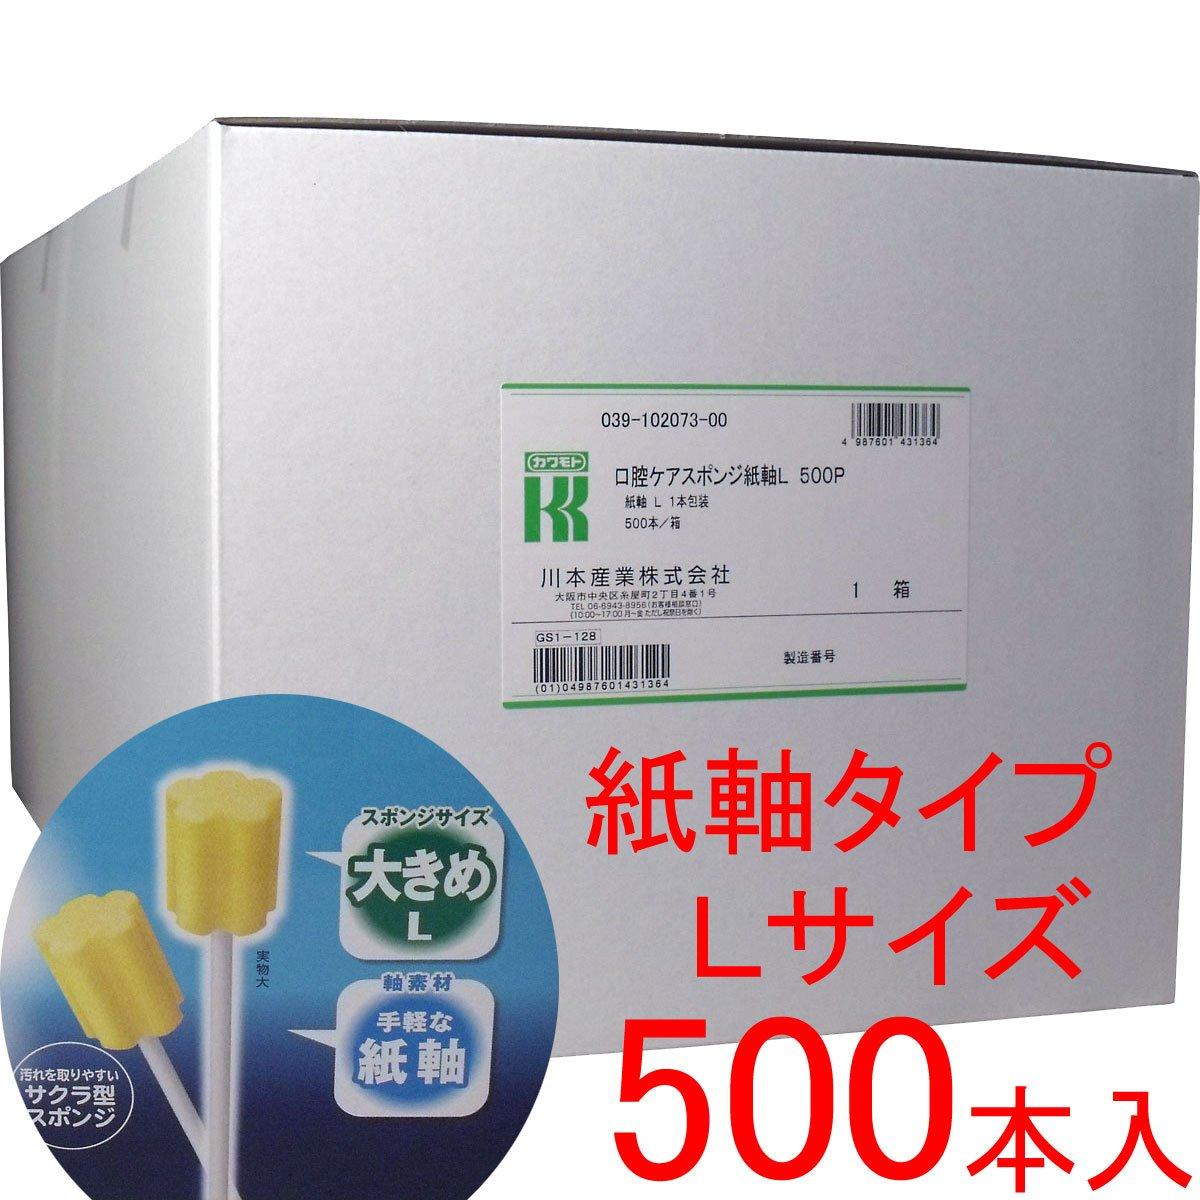 川本産業 マウスピュア口腔ケアスポンジ(紙軸L 039-102073-00(500ホン) B006IJWGFE